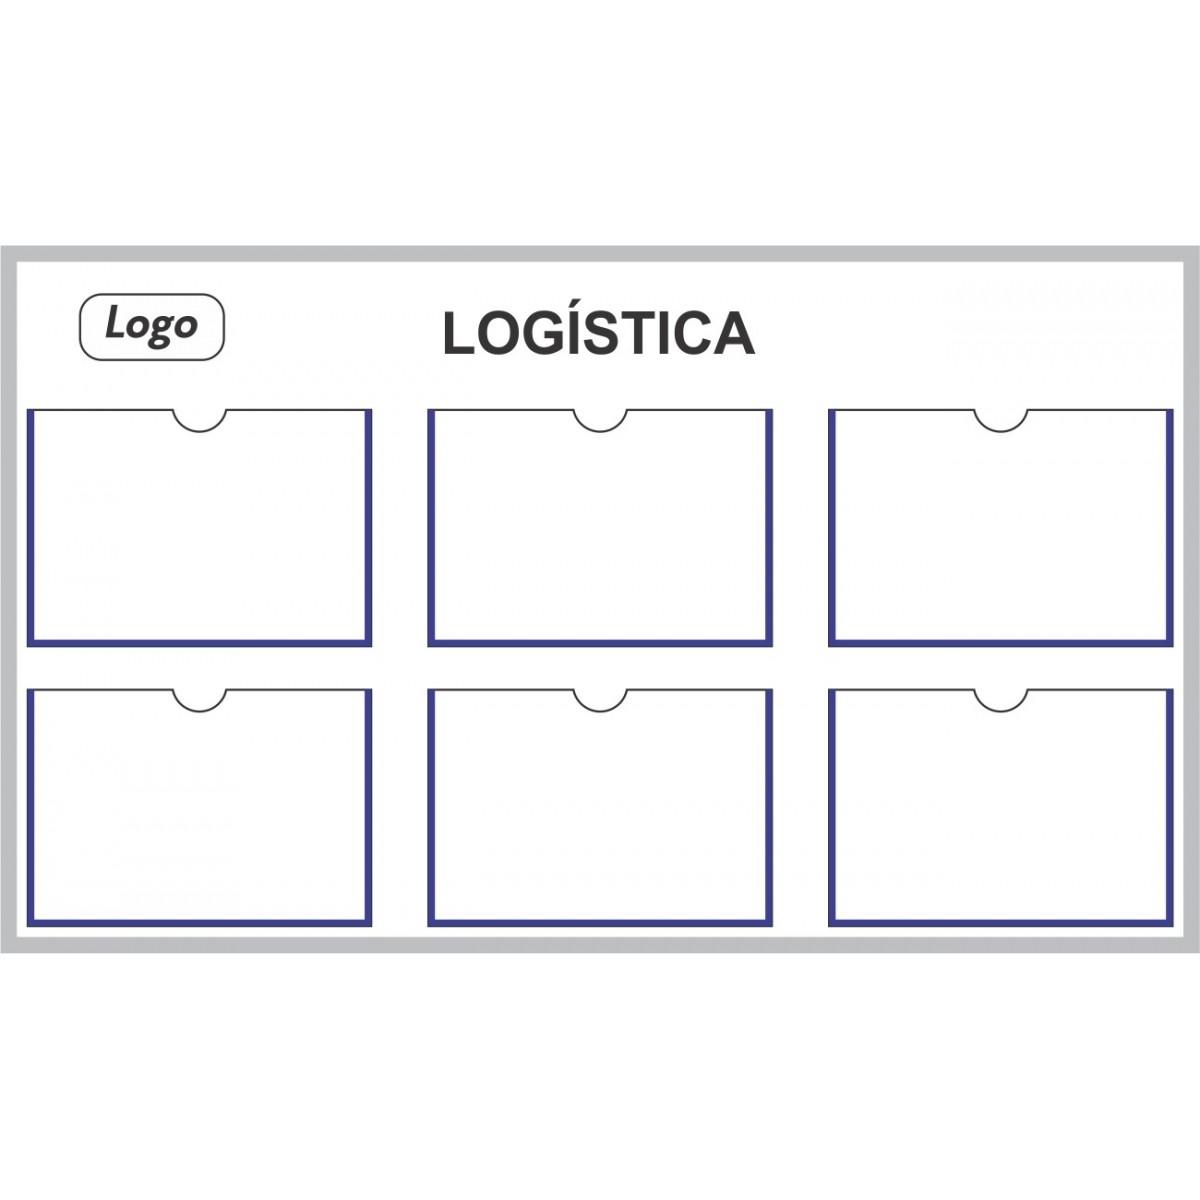 Quadro de Gestão Visual 110x65 cm  (L x A) com 6 Displays - Clace 1 UN